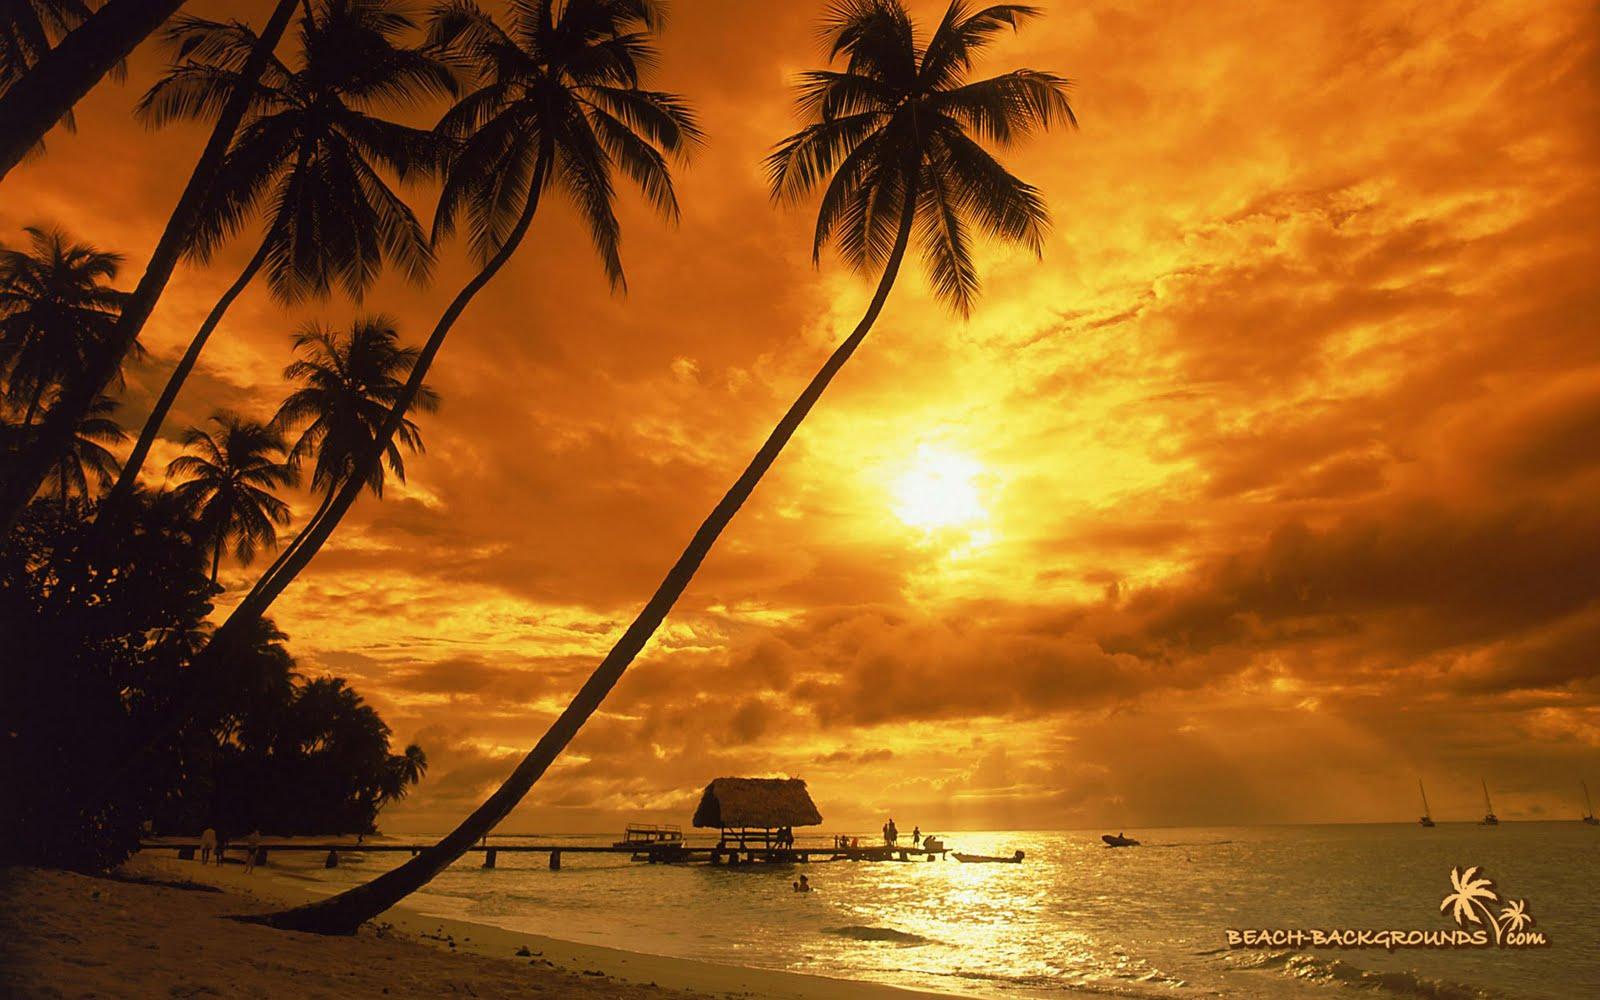 http://3.bp.blogspot.com/-AsMriLGK6xI/Ti7AjITSOTI/AAAAAAAANCc/q9gCEBCdGEg/s1600/tropical%2Bsunset%2Bwallpaper-1.jpg